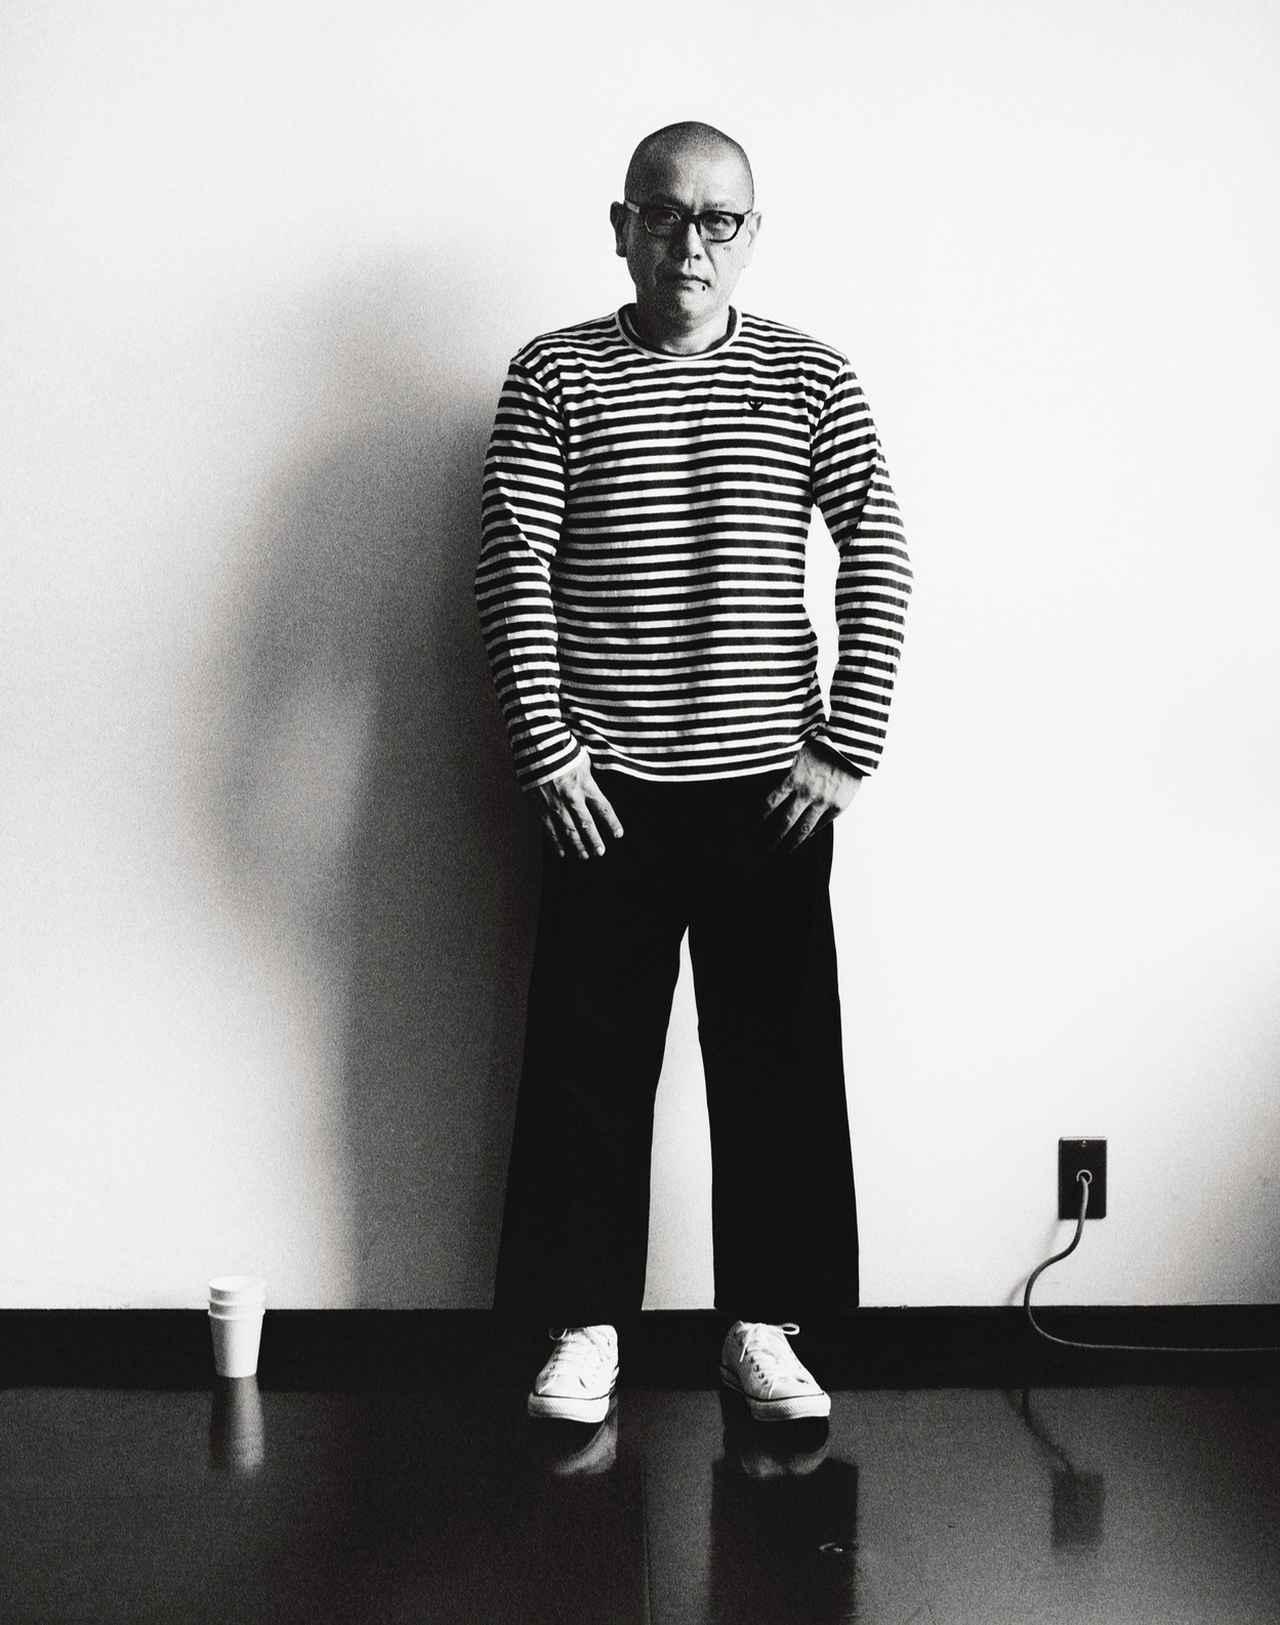 Images : 1番目の画像 - 「デザイナー ワタナベ ジュンヤの 「ものづくり」はどこから来るのか」のアルバム - T JAPAN:The New York Times Style Magazine 公式サイト